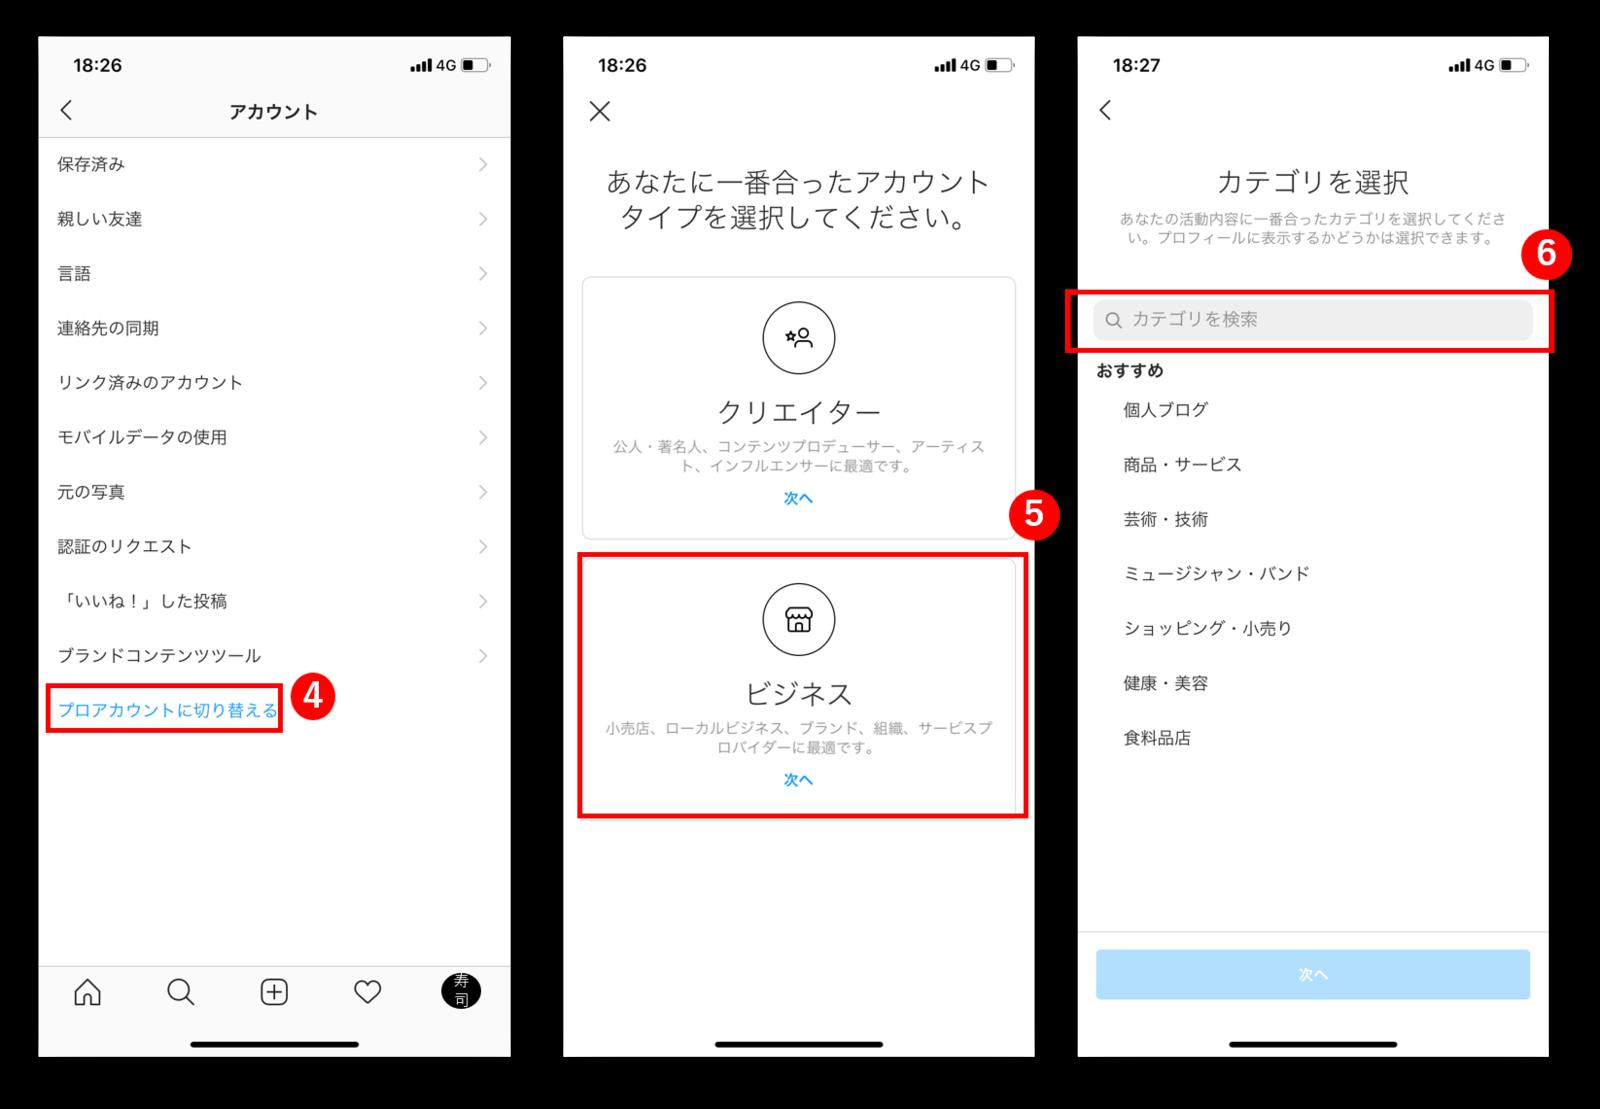 f:id:tentsu_media:20200706154130p:plain